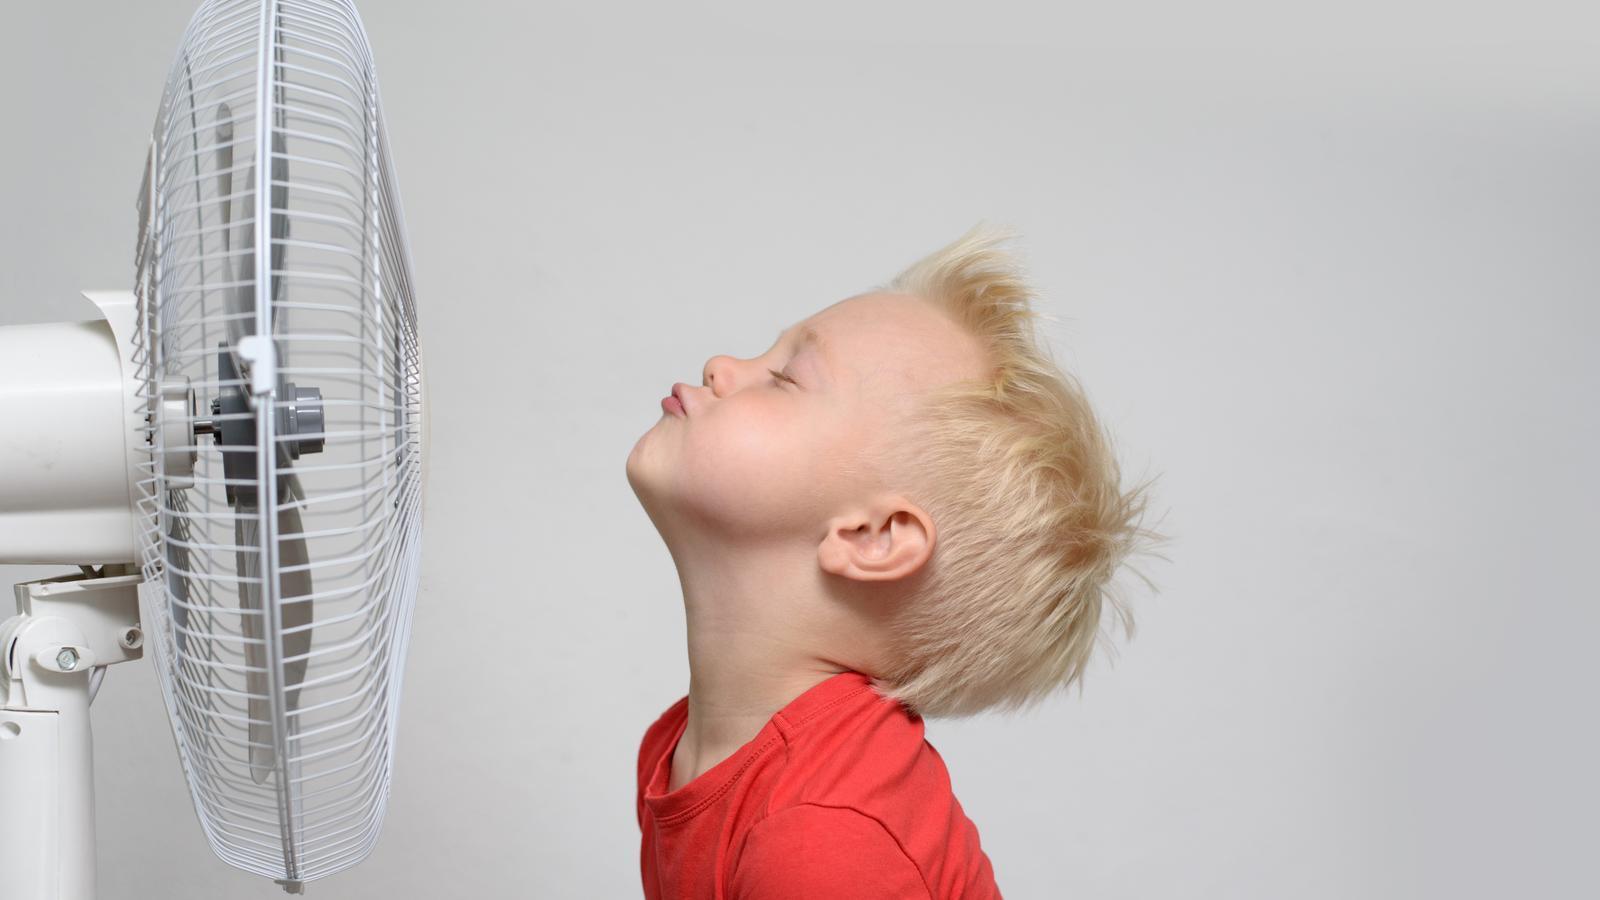 Un nen davant d'un ventilador